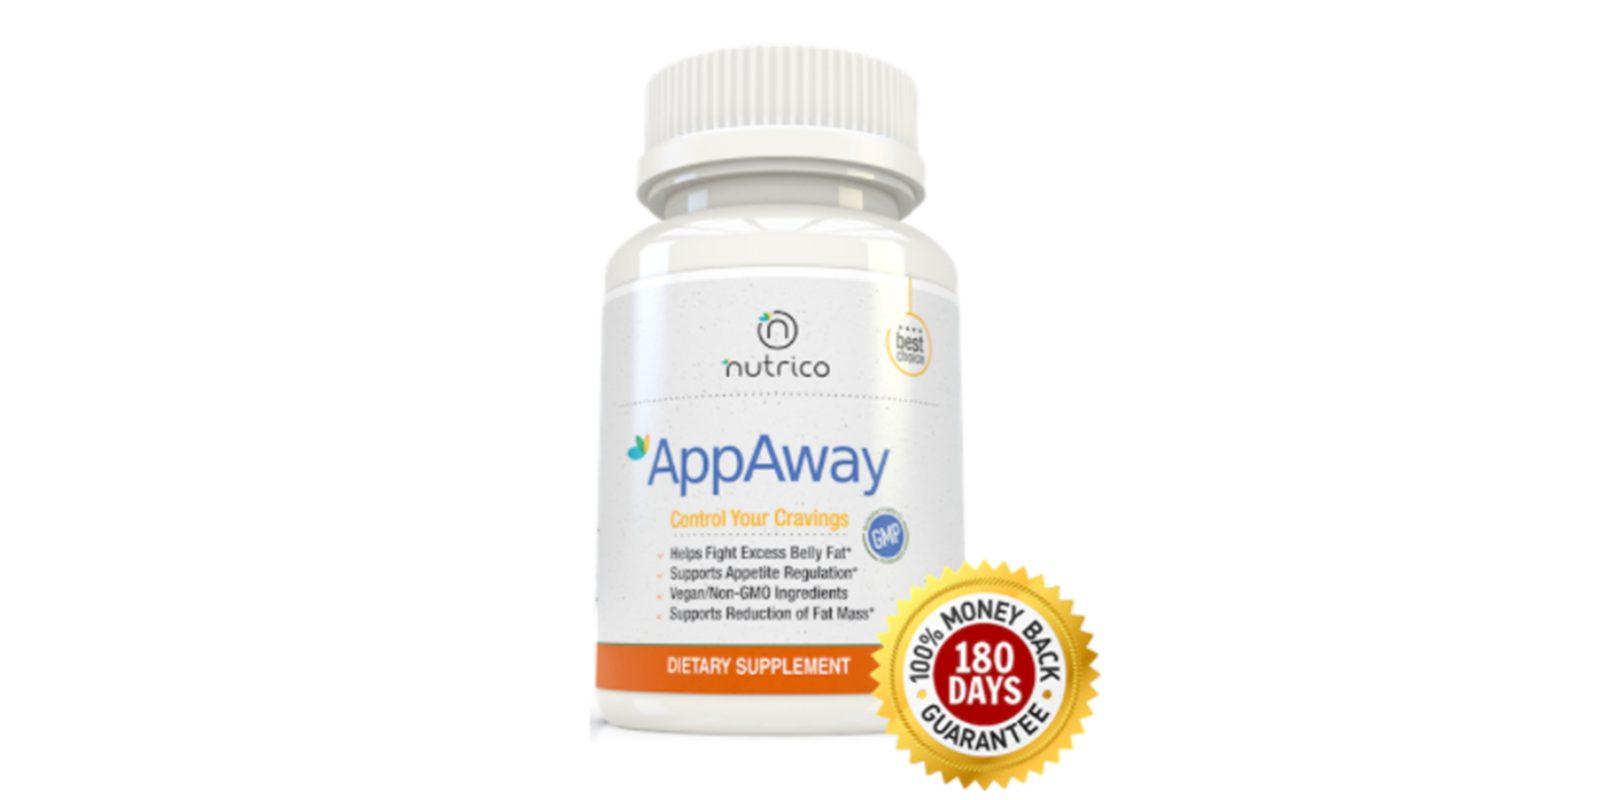 AppAway Review